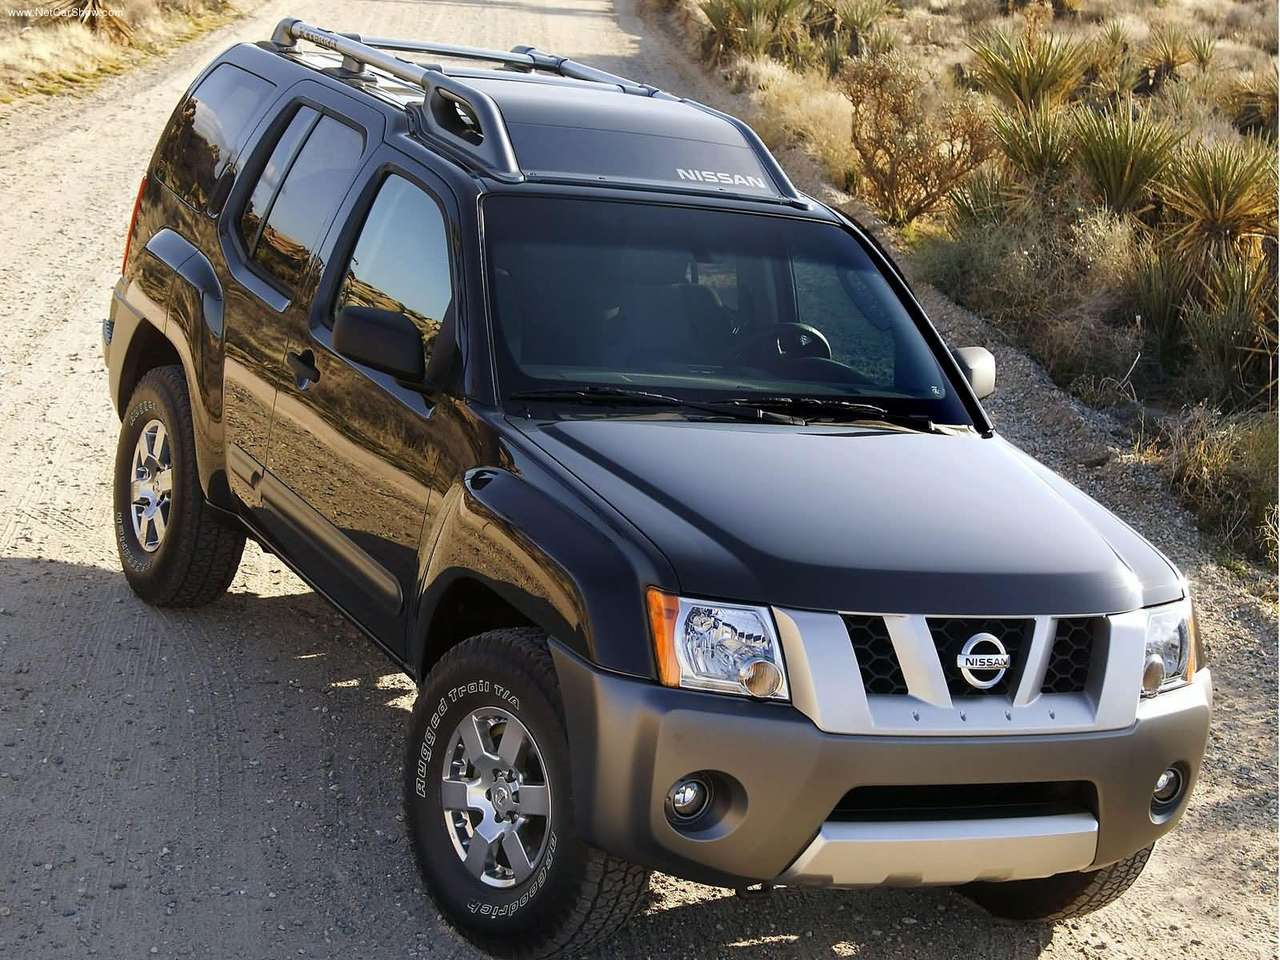 http://1.bp.blogspot.com/-dgqQhRpelg4/TXVS-dDoeDI/AAAAAAAAEFc/CSA5VEsTxzo/s1600/Nissan-Xterra_2005_1280x960_wallpaper_06.jpg